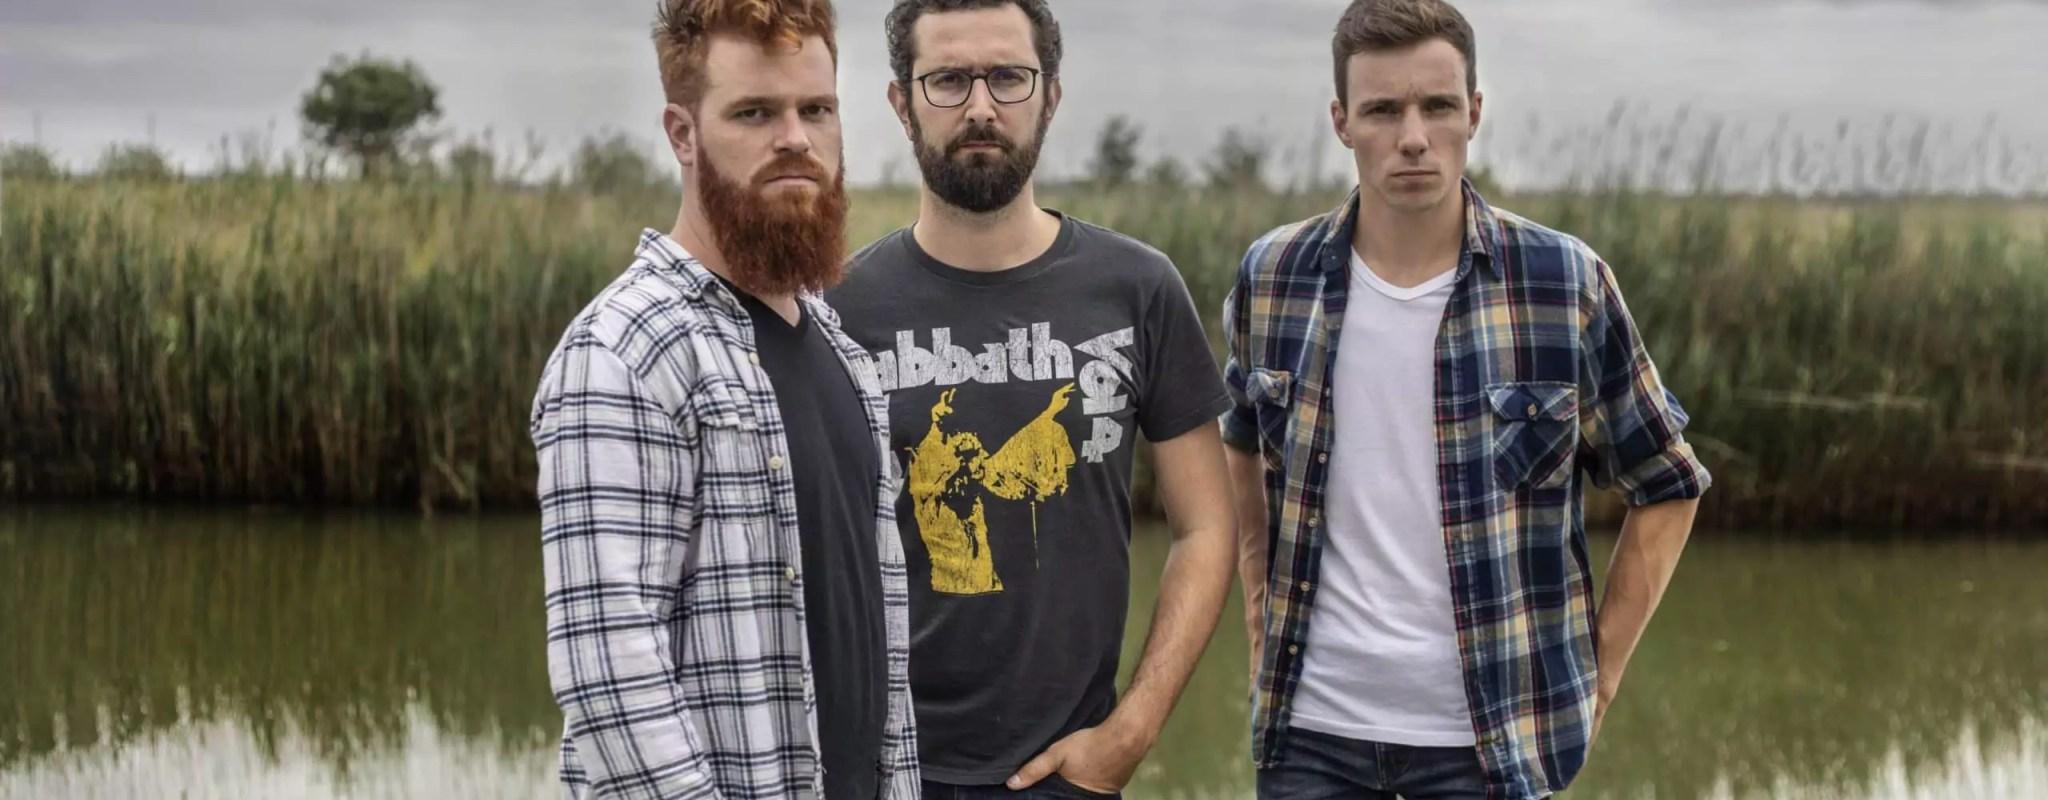 Guitares fuzz et blues rock avec Livingstone vendredi au Local